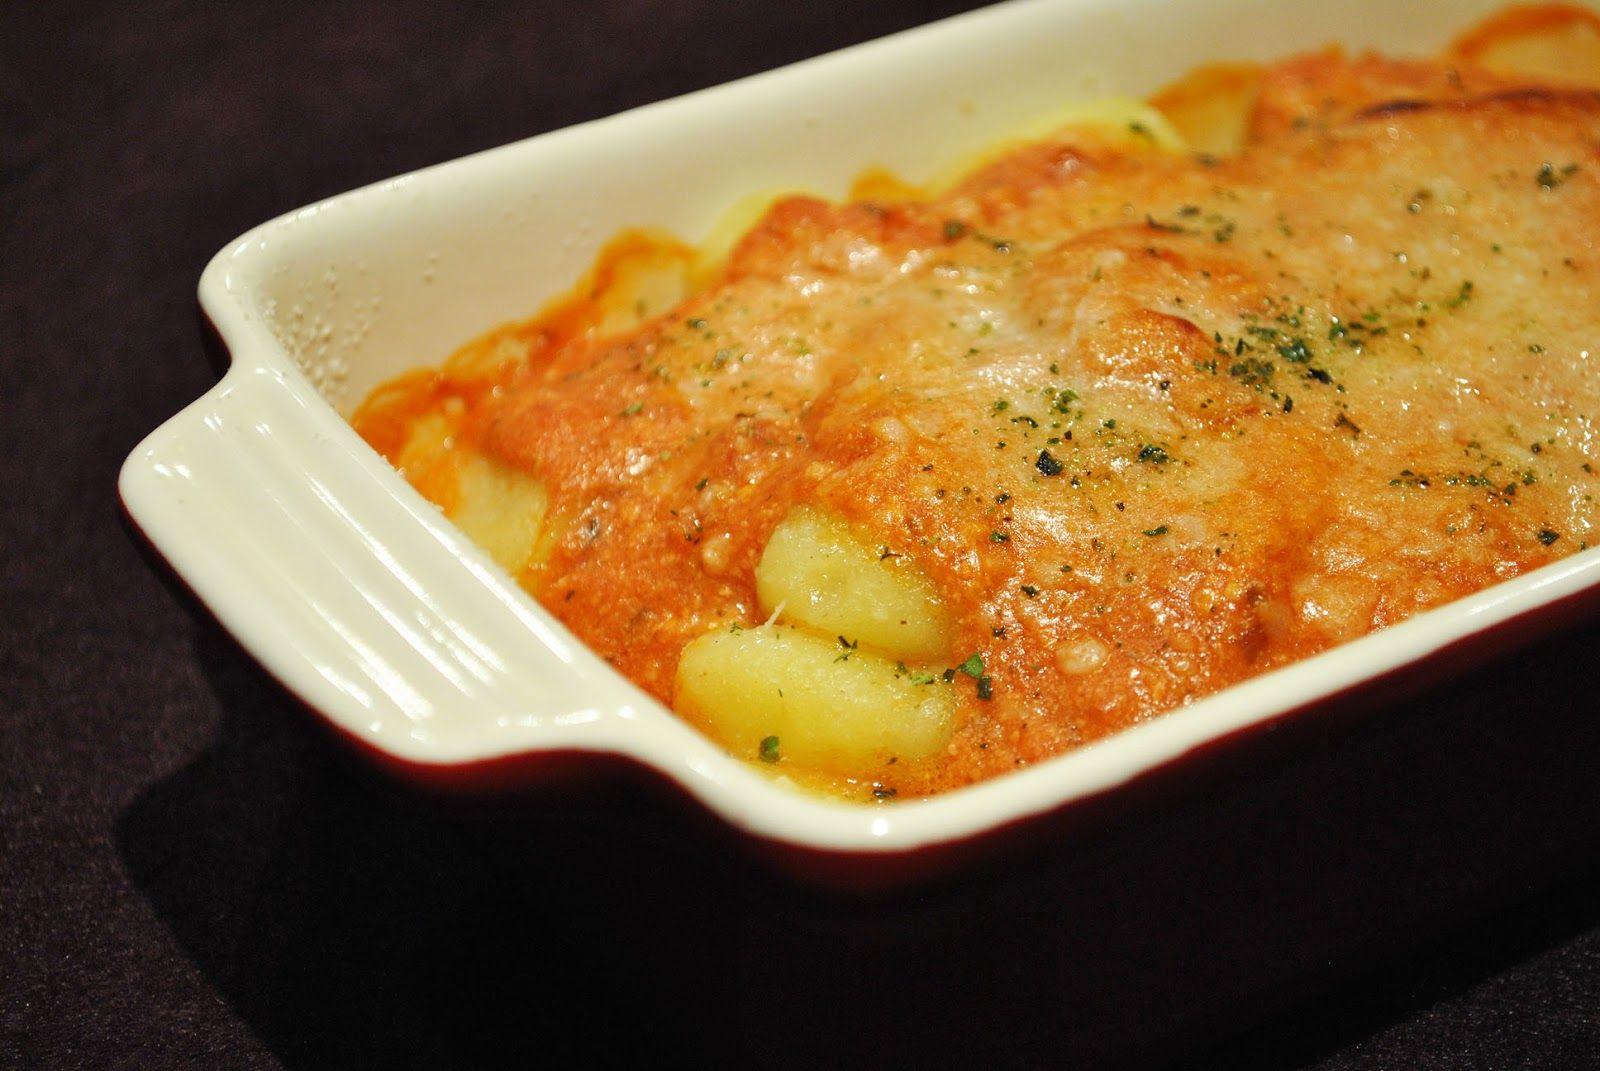 Küchenzaubereien: Überbackene Gnocchi in Tomaten-Ricotta-Soße